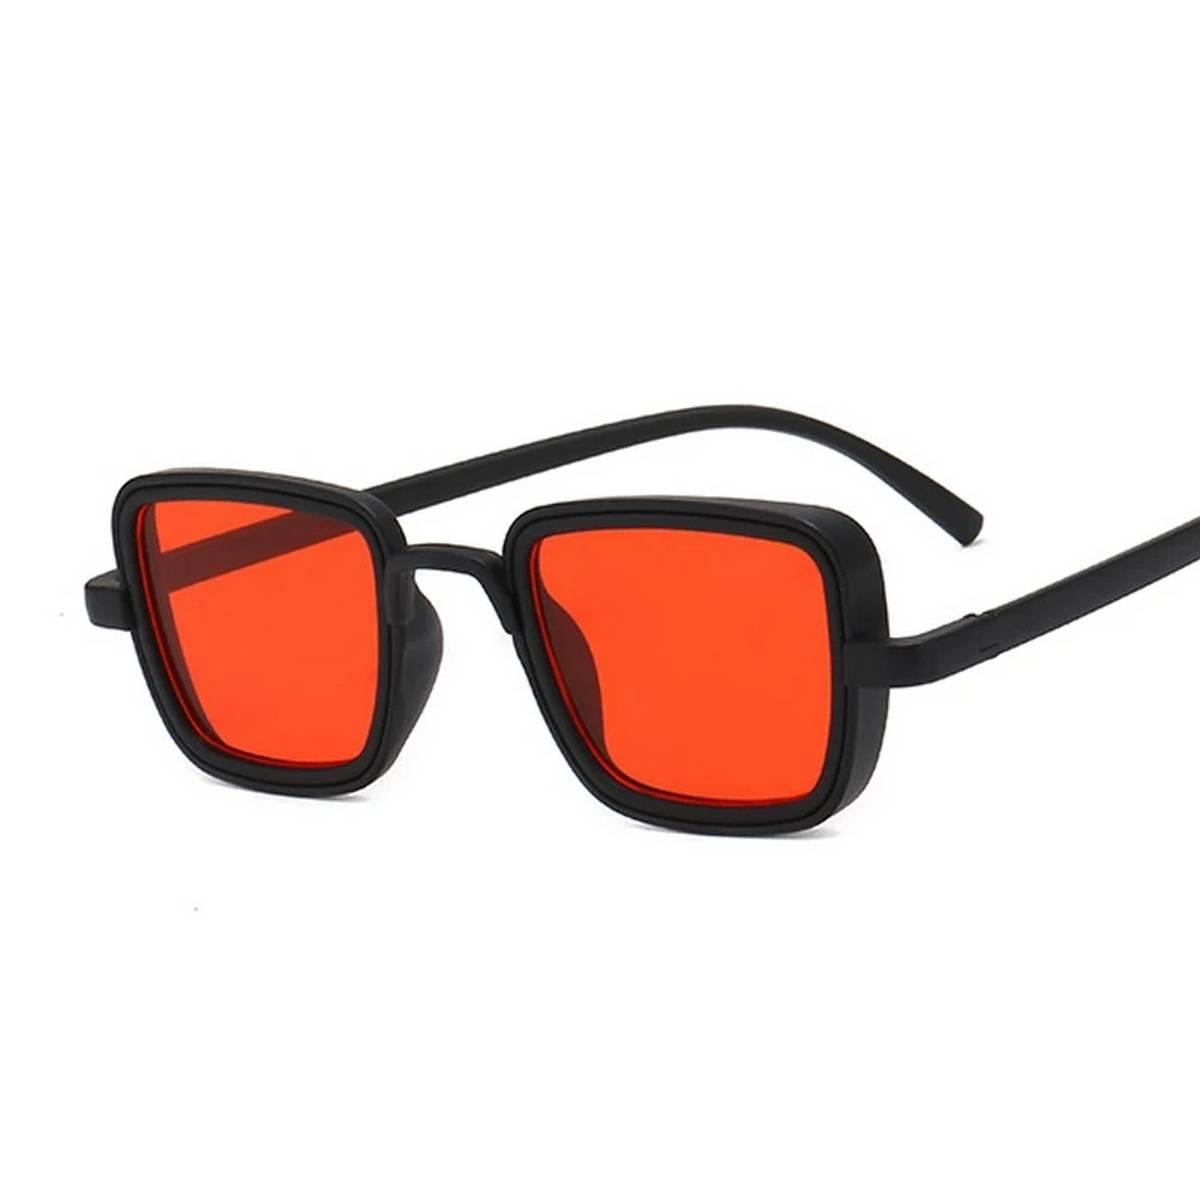 Kabir Singh India Movie Sunglasses For Men Square Retro Cool Sun Plastic Shades